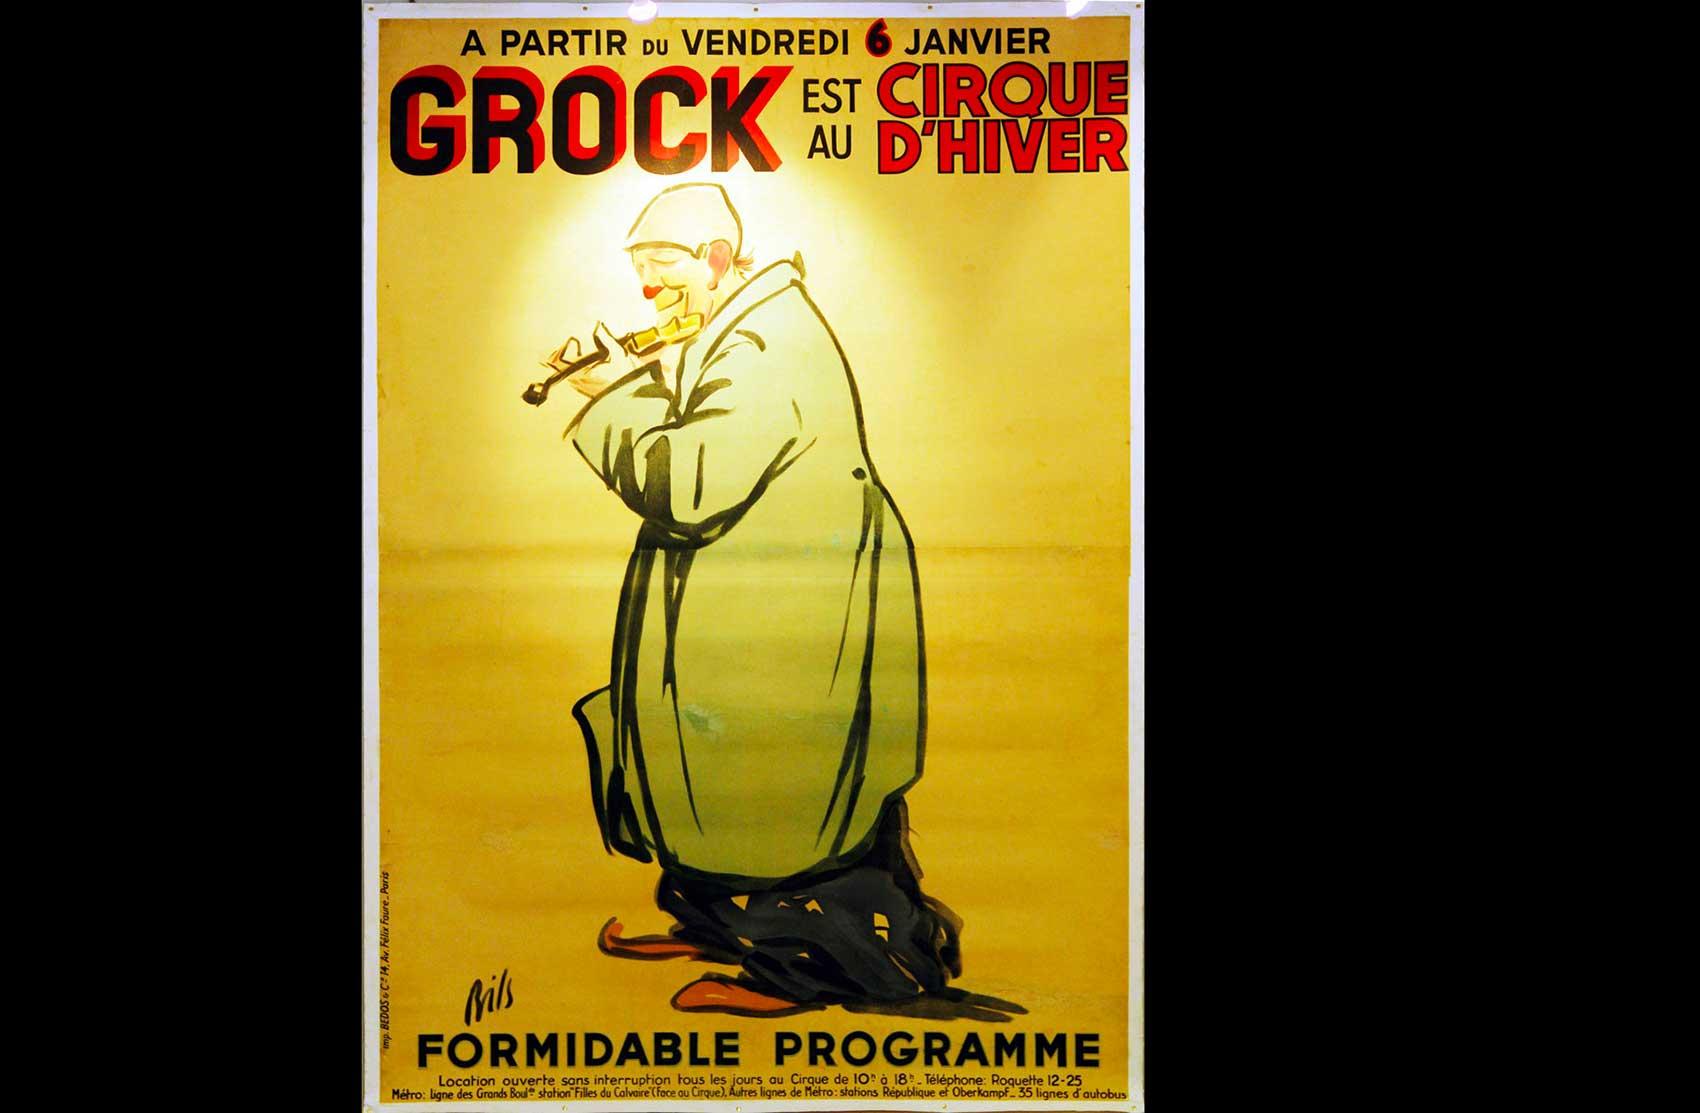 Affiche del Cirque d Hiver di Parigi · Collezione privata Dr Alain Frère